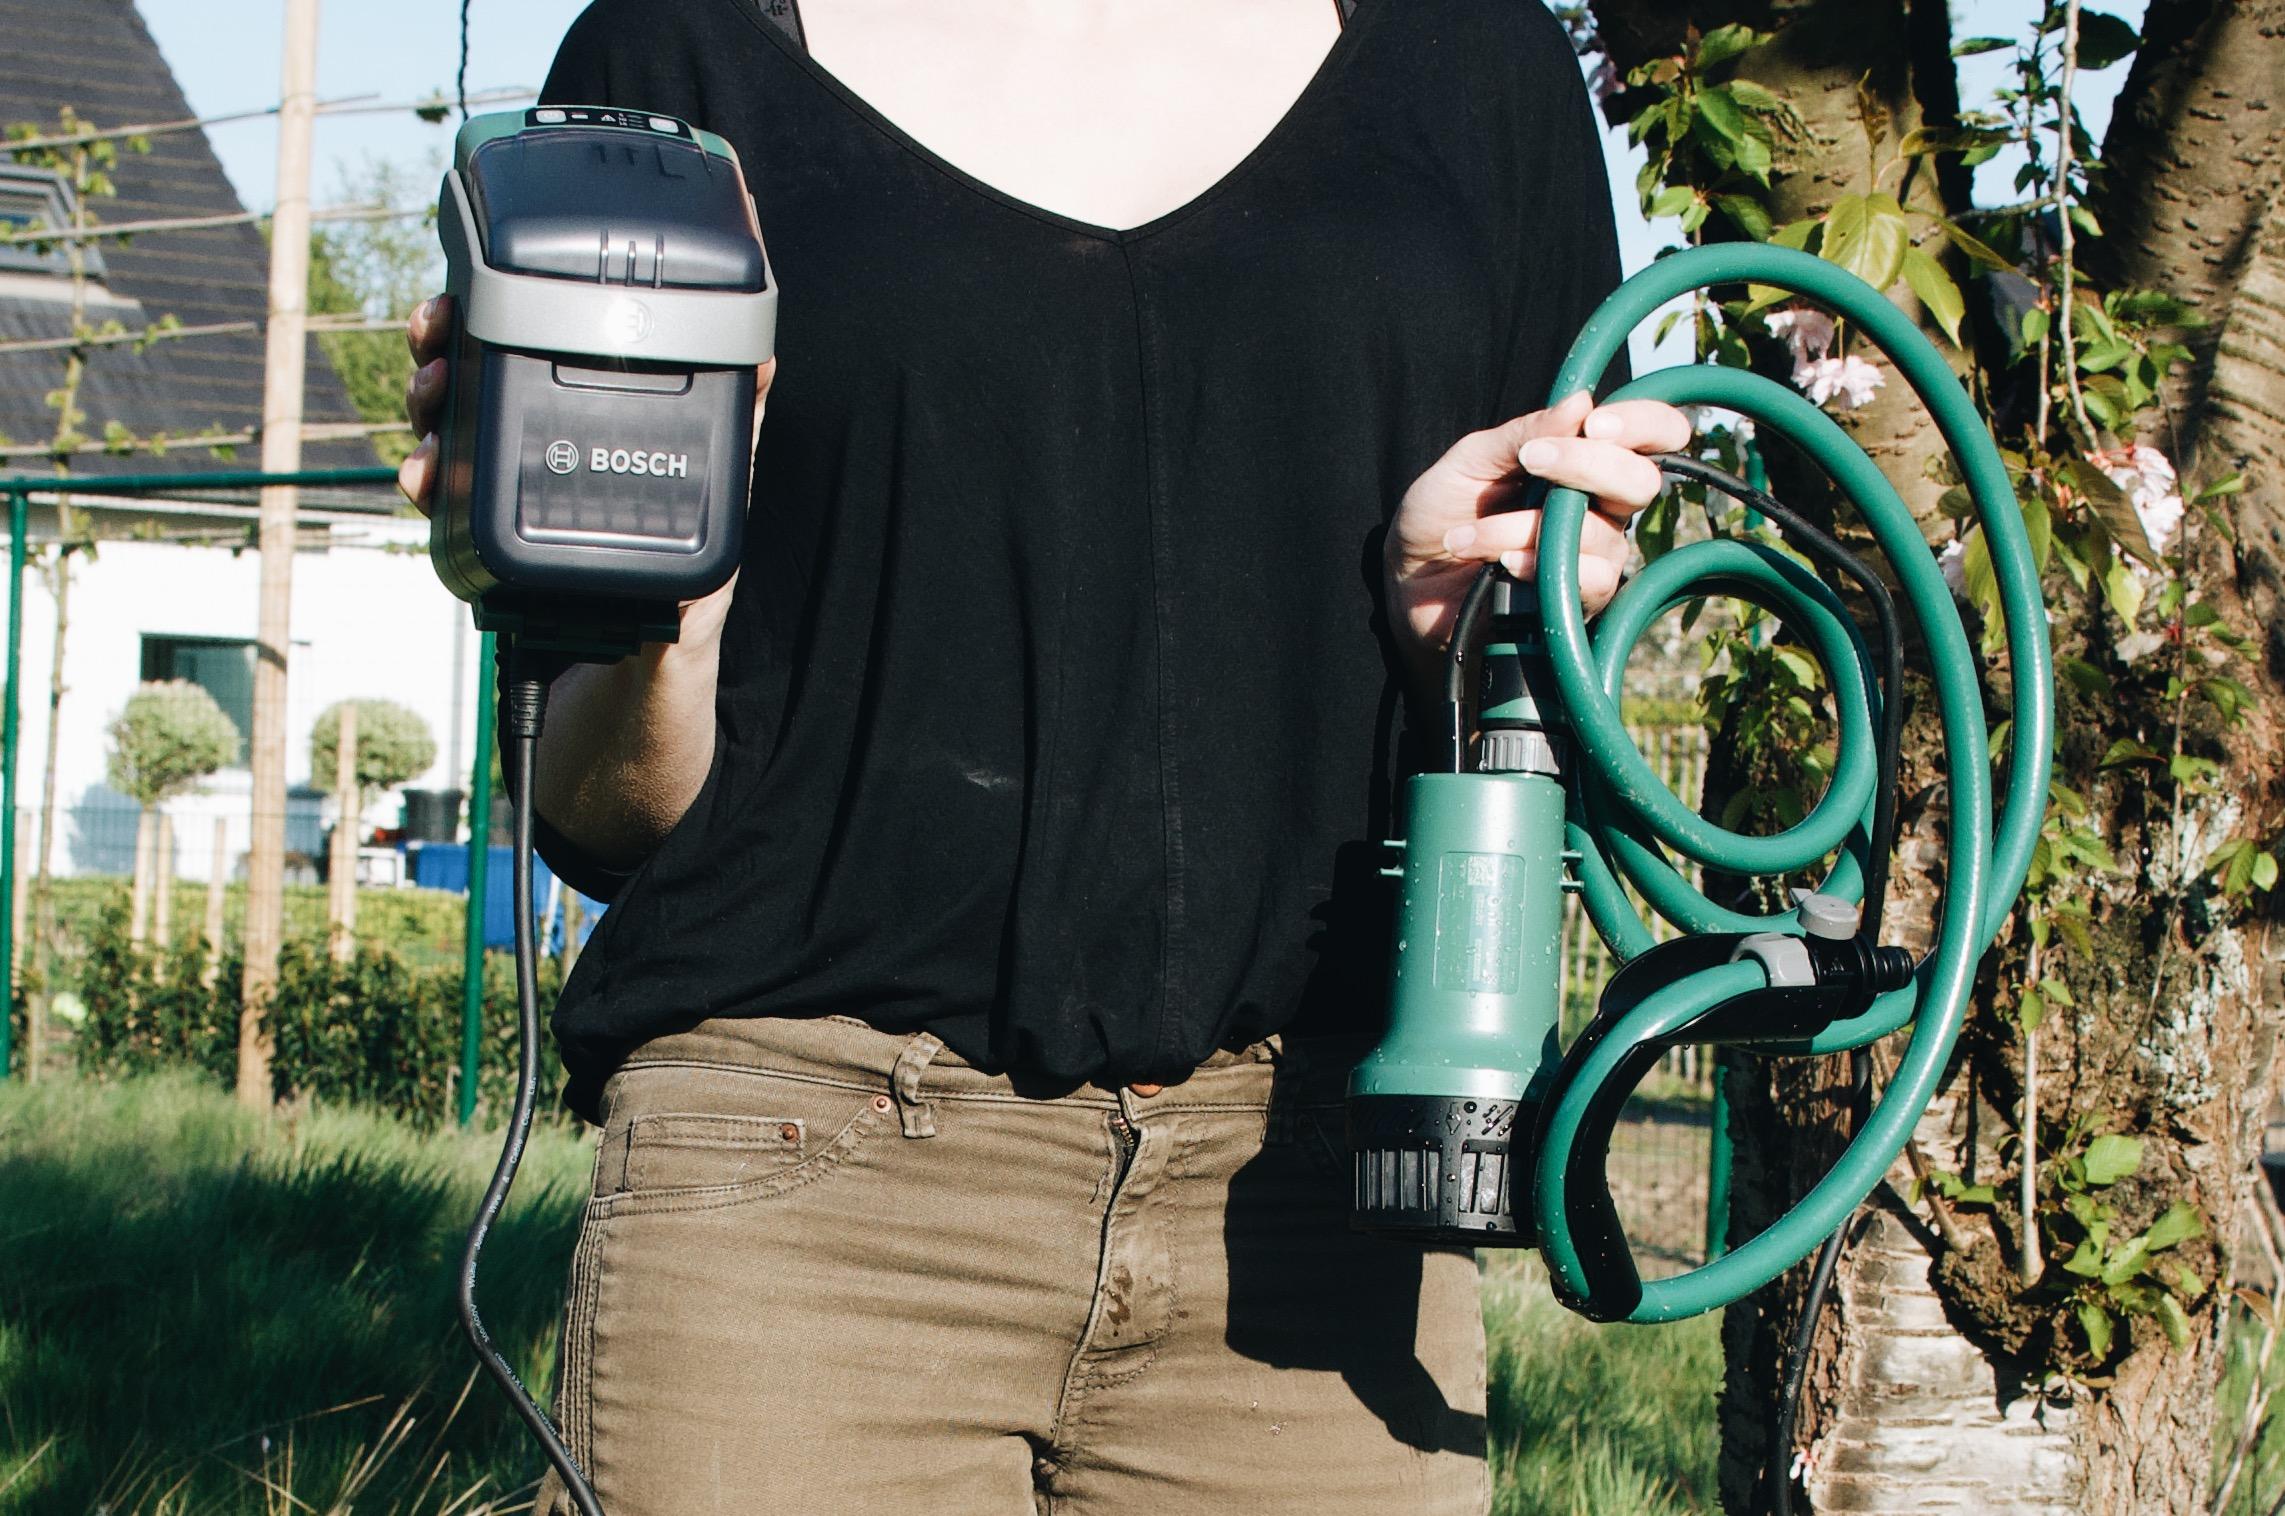 Bosch powerforall gardenpump citymower review